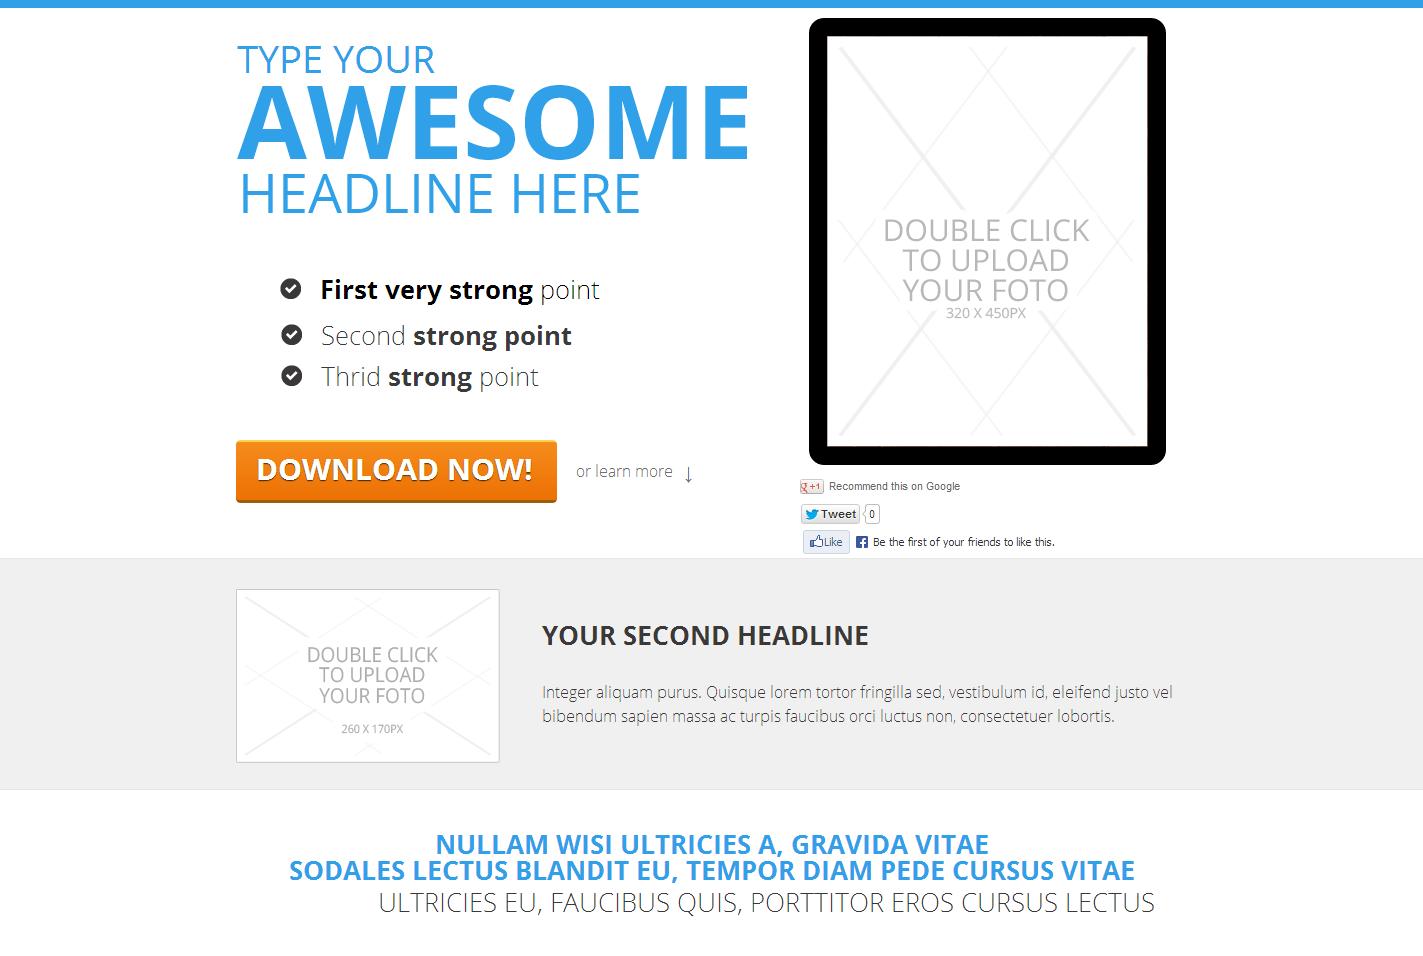 szablon landing page